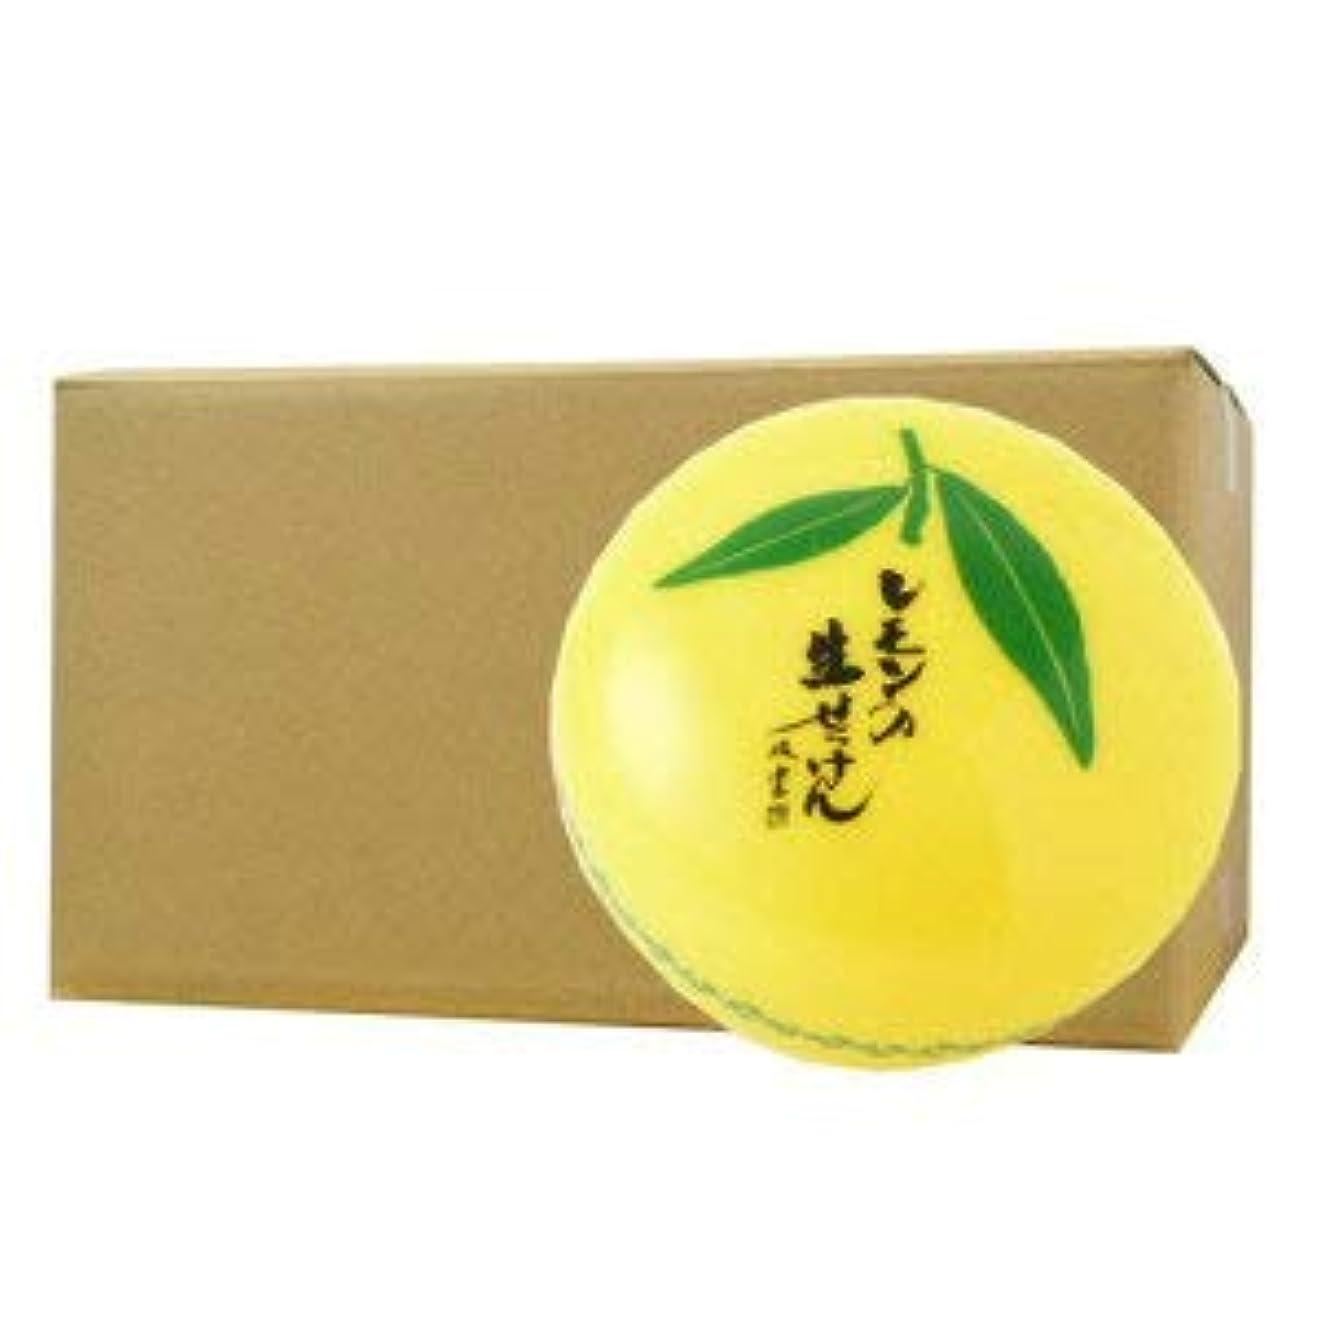 性交薬局評議会UYEKI美香柑レモンの生せっけん50g×72個セット